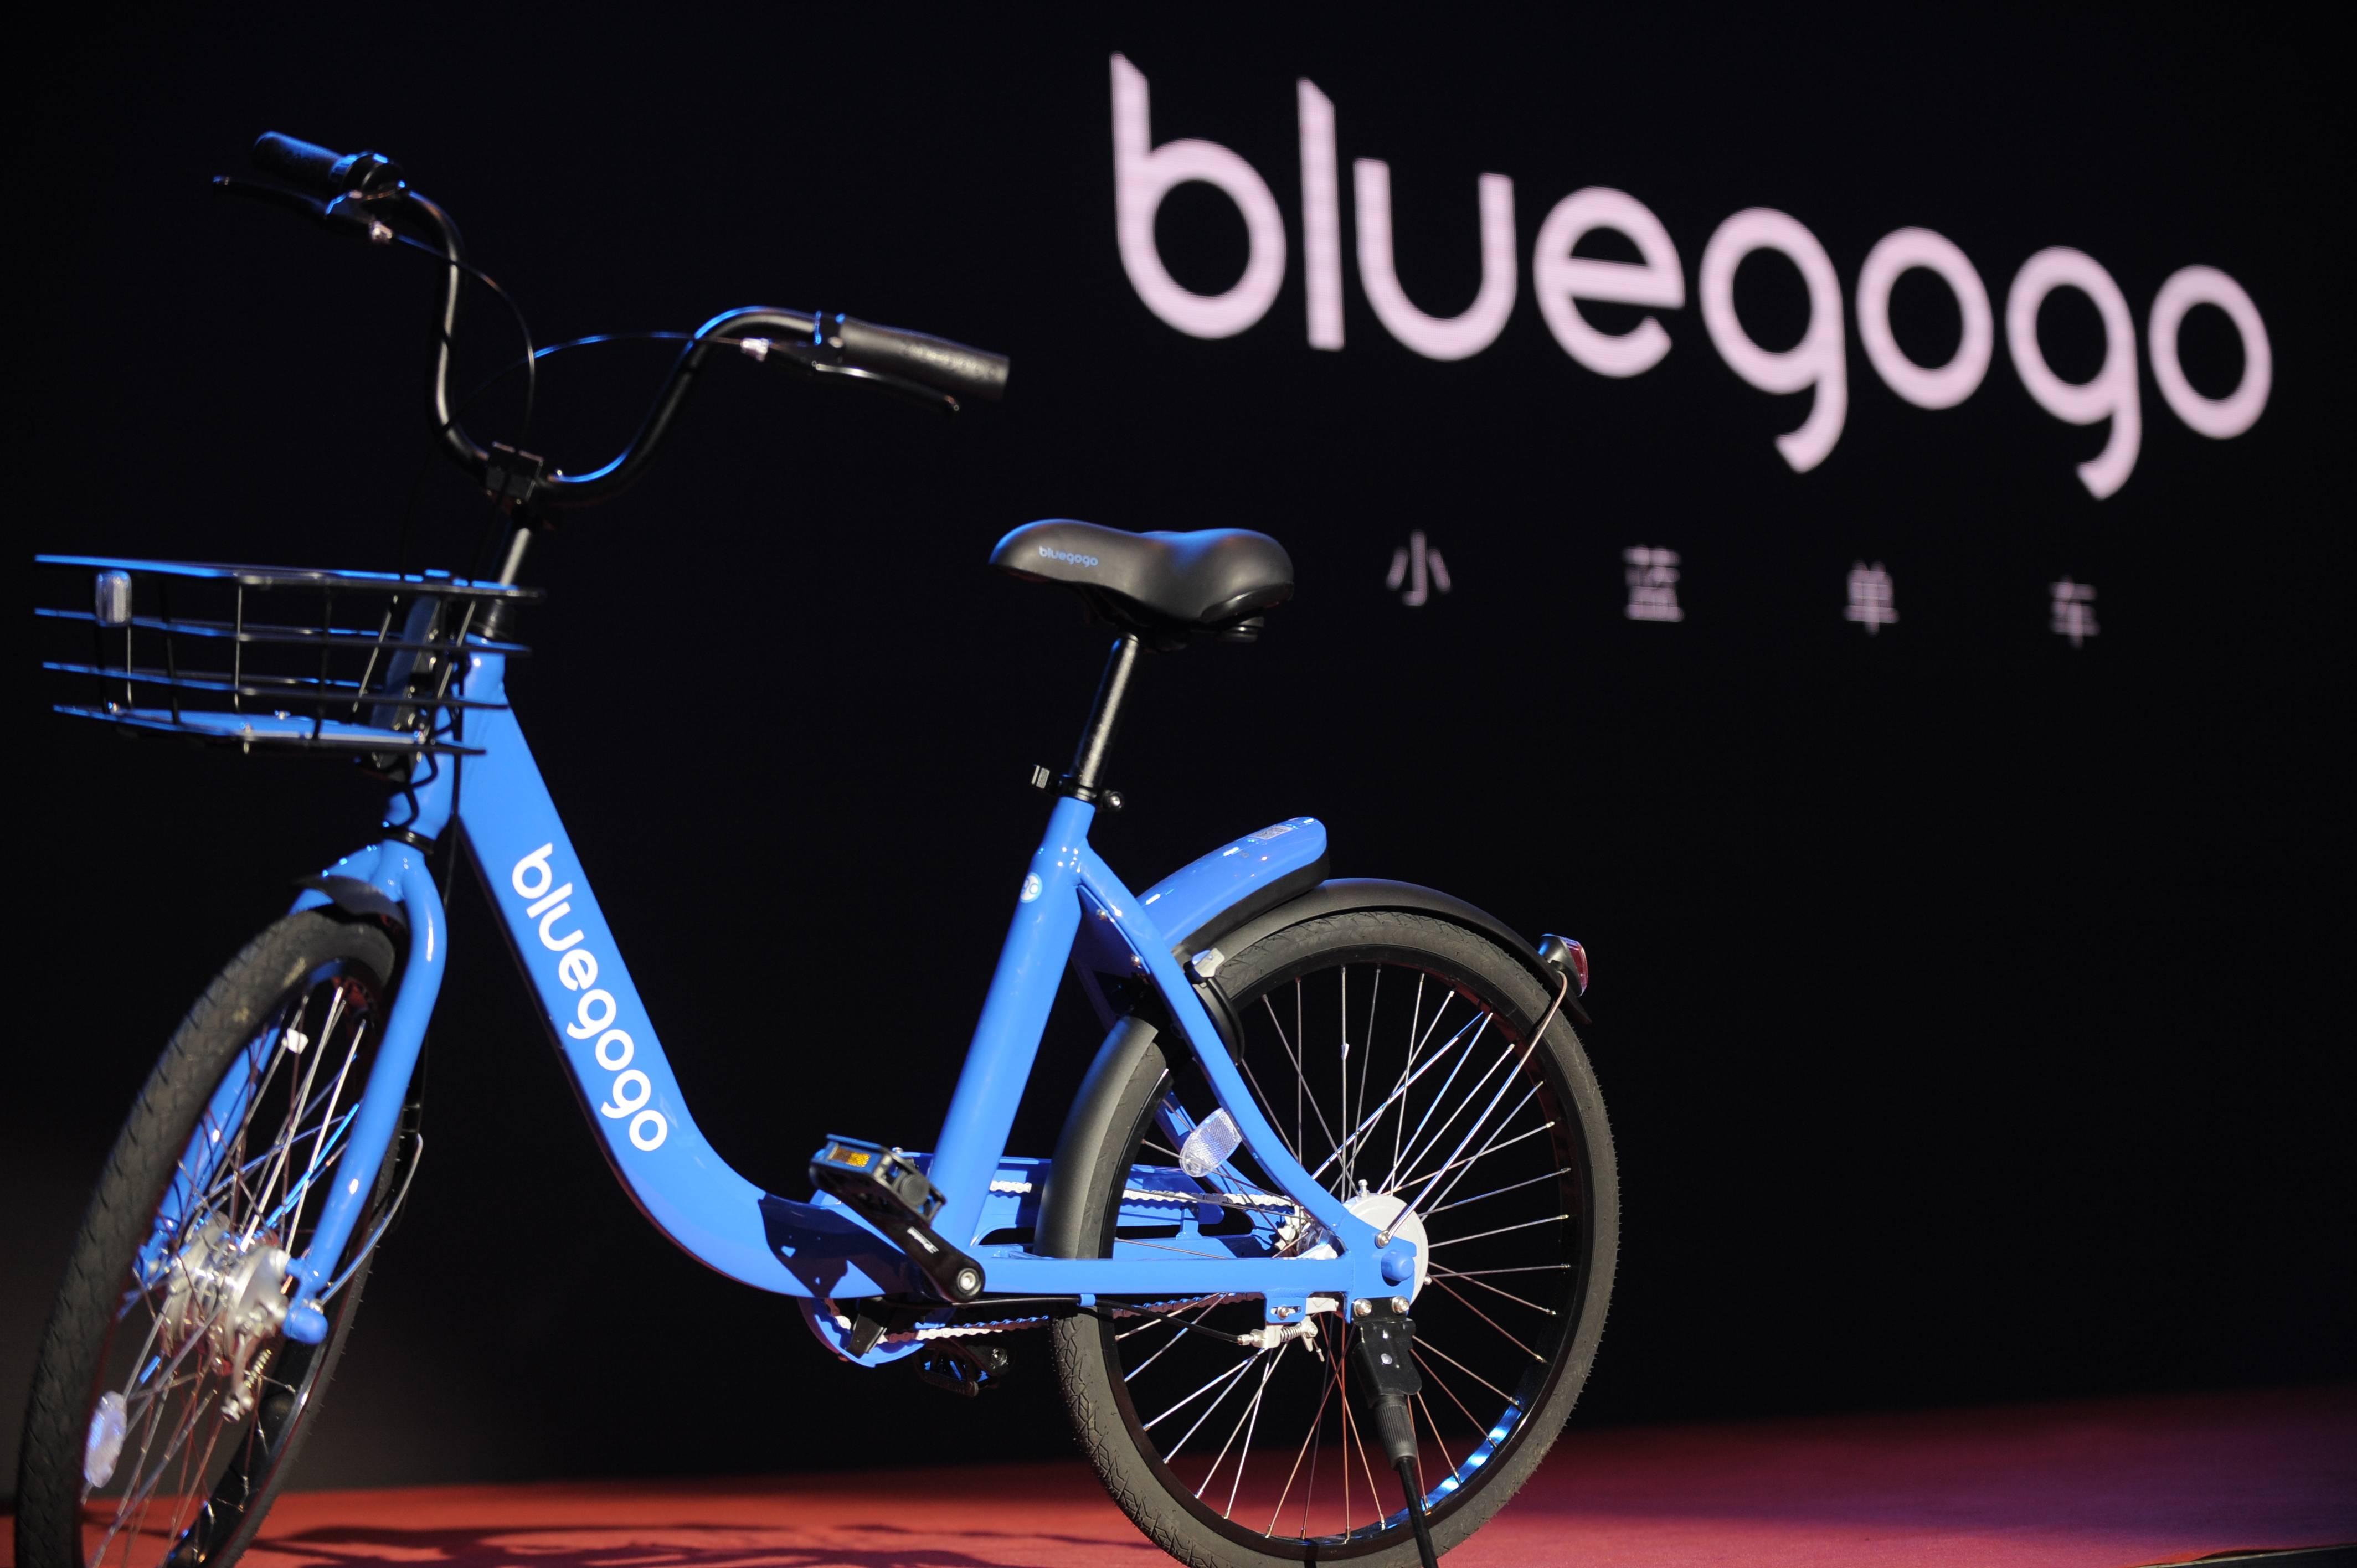 bluegogo 单车